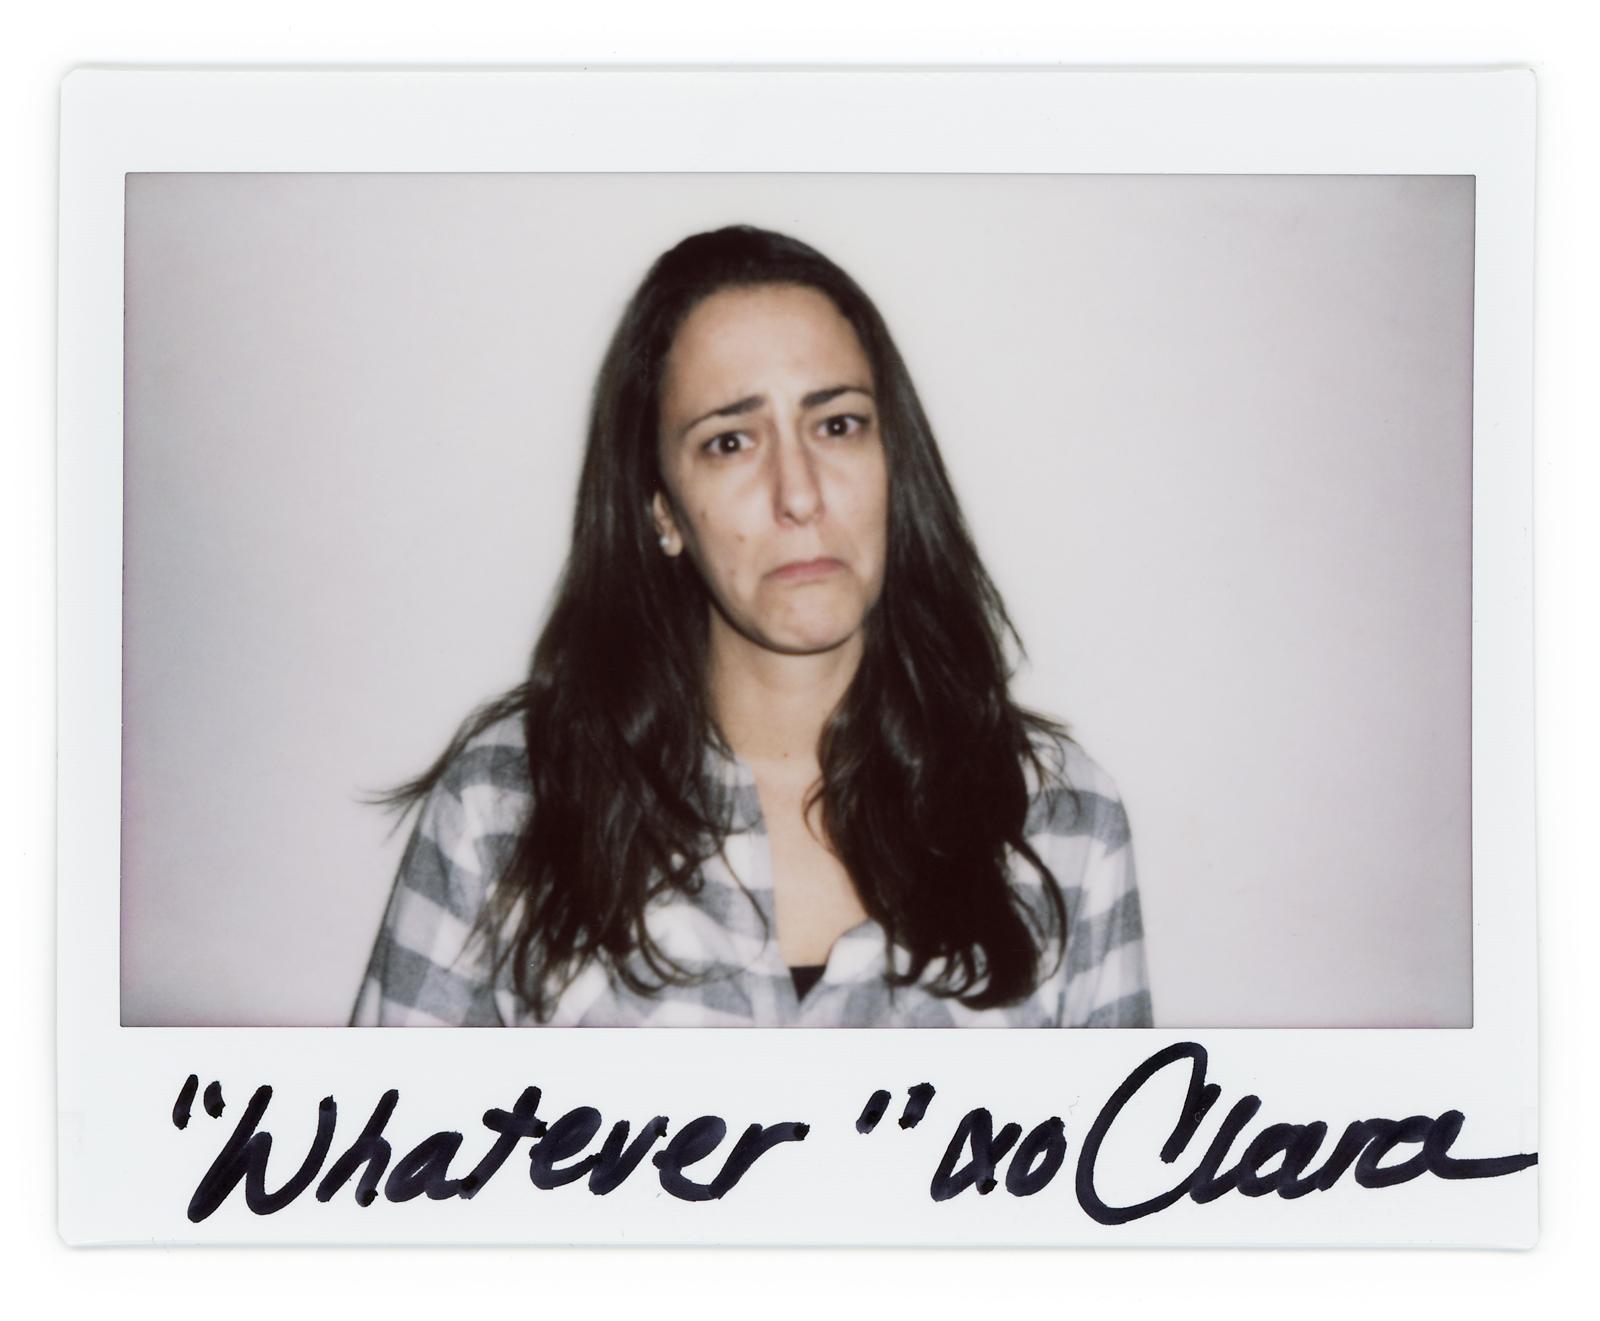 Clara001.jpg